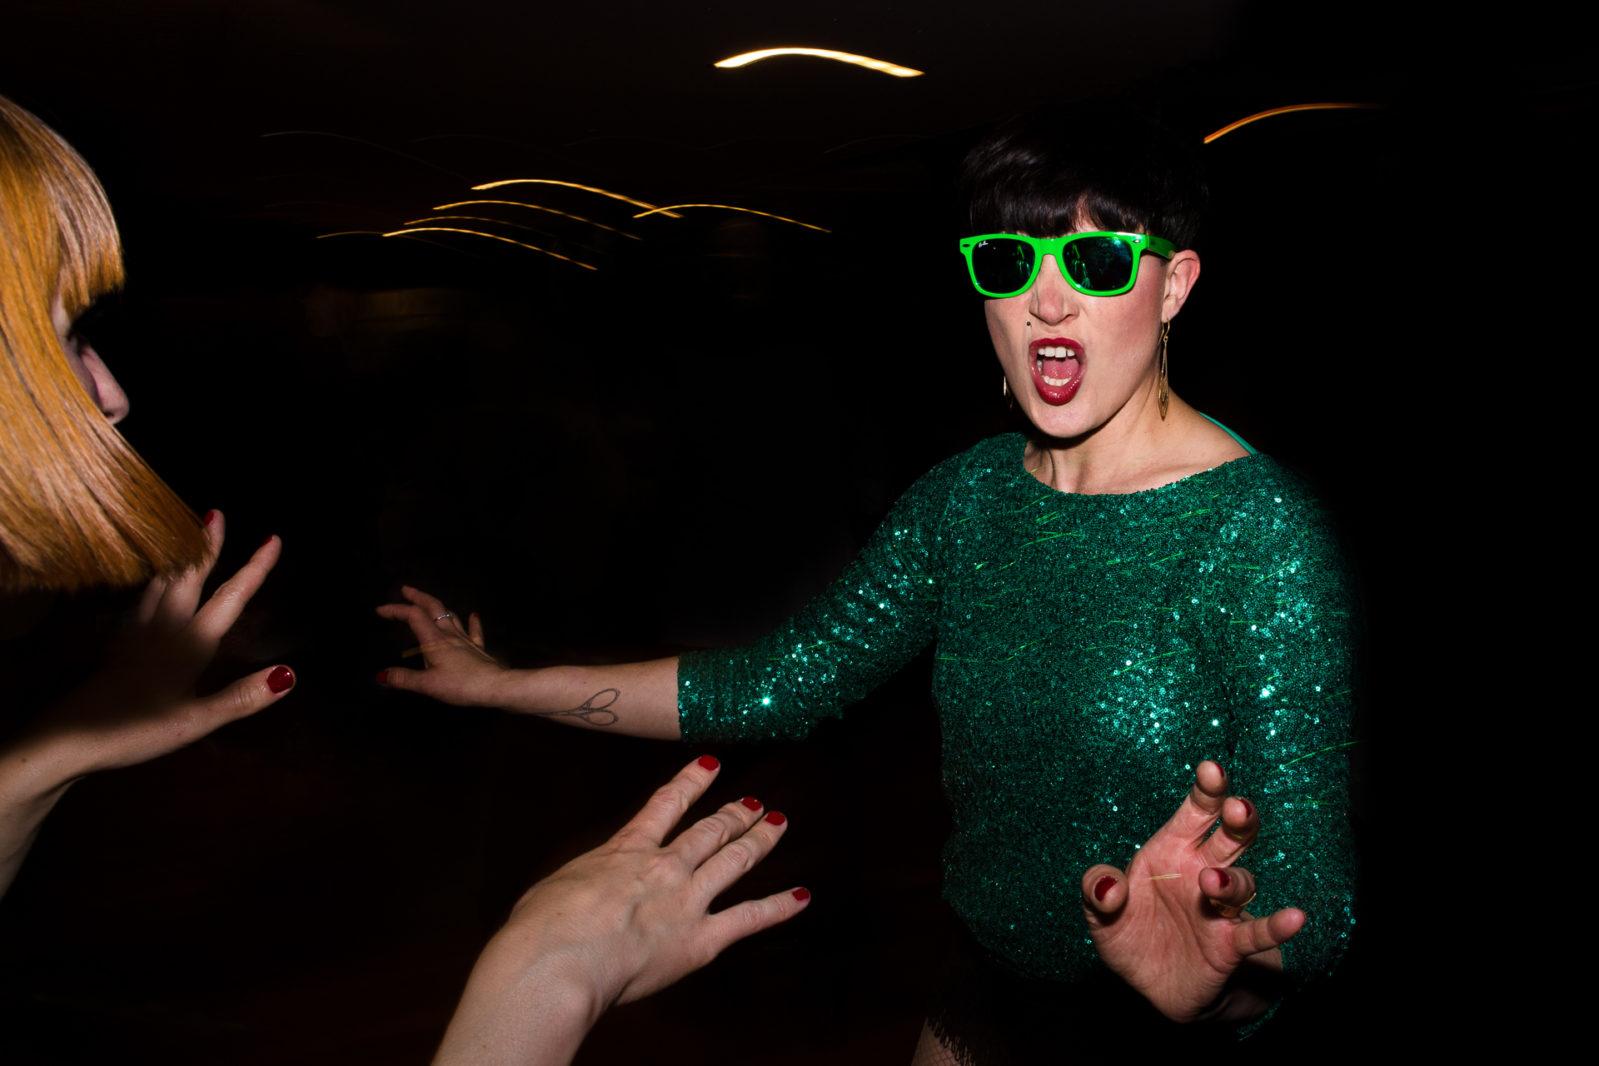 Danseuse avec lunette verte soirée de mariage à Boulogne Ernestine et sa famille photographe de mariage à l'approche reportage